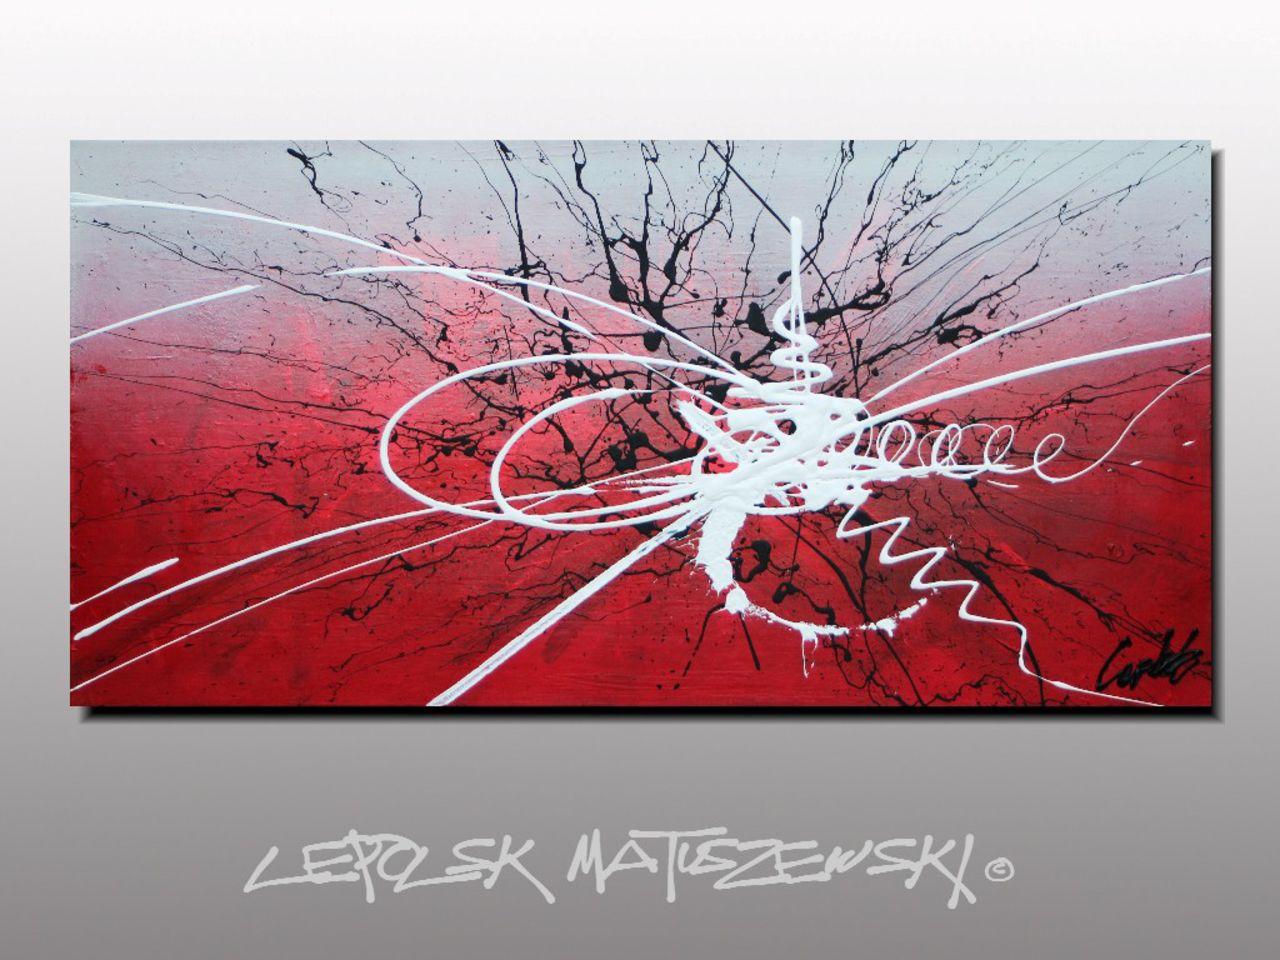 MK  Lepolsk Matuszewski EDONIA  expressionnisme abstrait contemporain